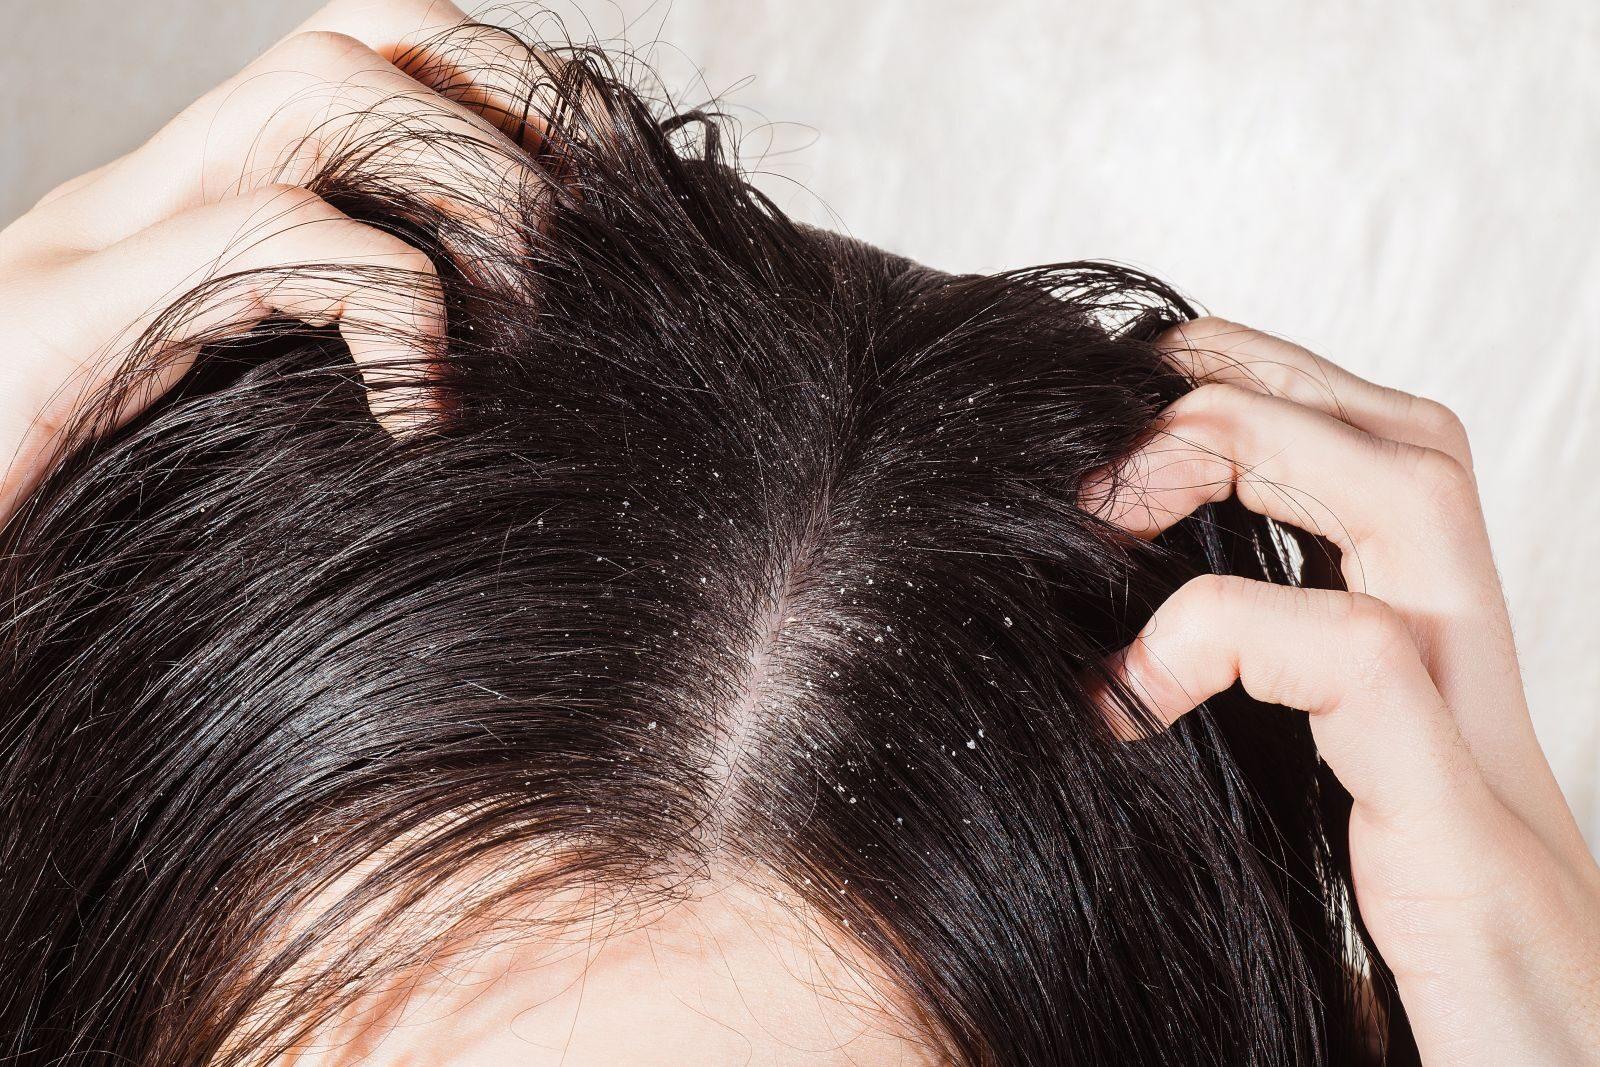 vörös foltok a fejbőrön a haj fotó alatt)